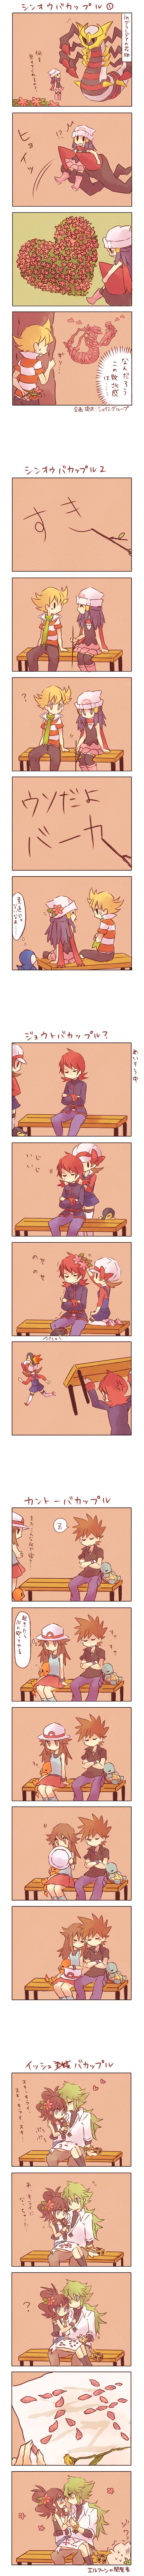 Tags: Anime, Kabocha Torute, Pokémon, Charmander, Touko (Pokémon), Red (Pokémon), Squirtle, Giratina, Silver (Pokémon), Piplup, Jun (Pokémon), Kotone (Pokémon), Hikari (Pokémon)